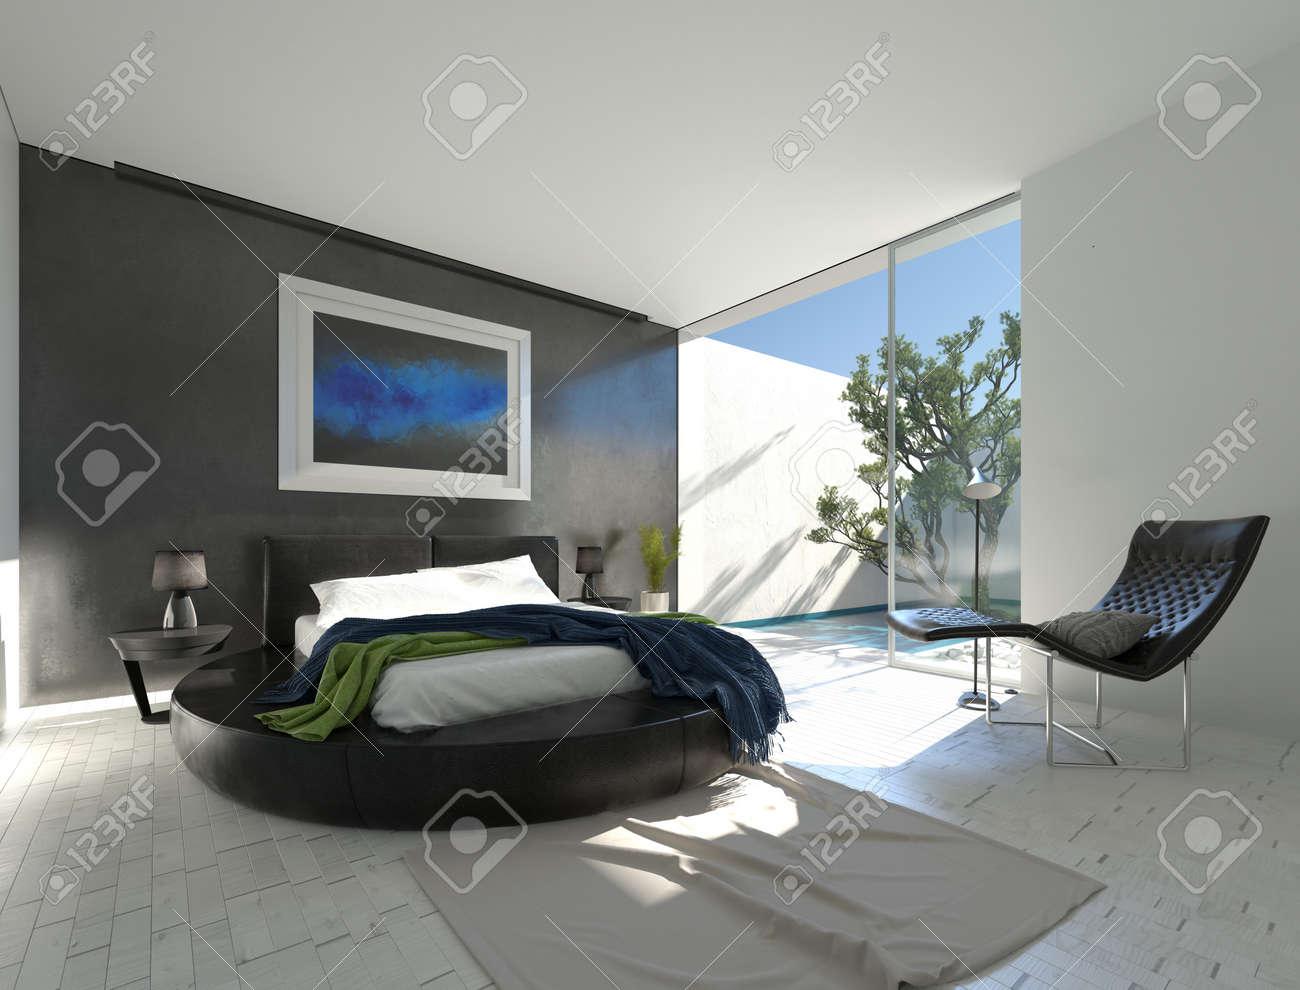 Moderne Luxus Schlafzimmer Mit Schwarzem Leder Und Grauen Und Weißen Dekor  Und Einer Geschlossenen Terrasse